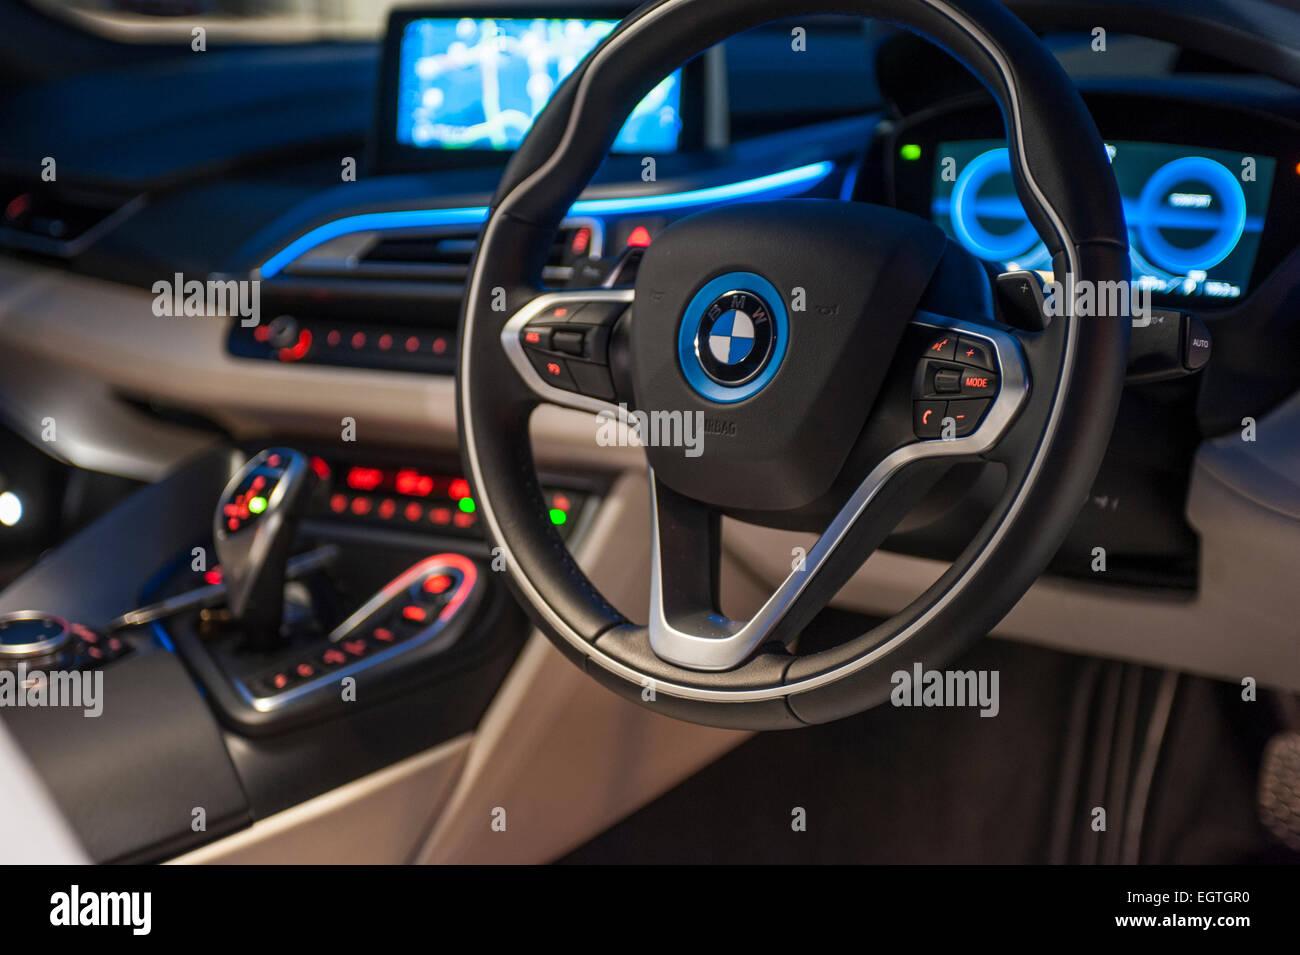 Bmw I8 Electric Car Ev Hybrid Stock Photo 79216004 Alamy